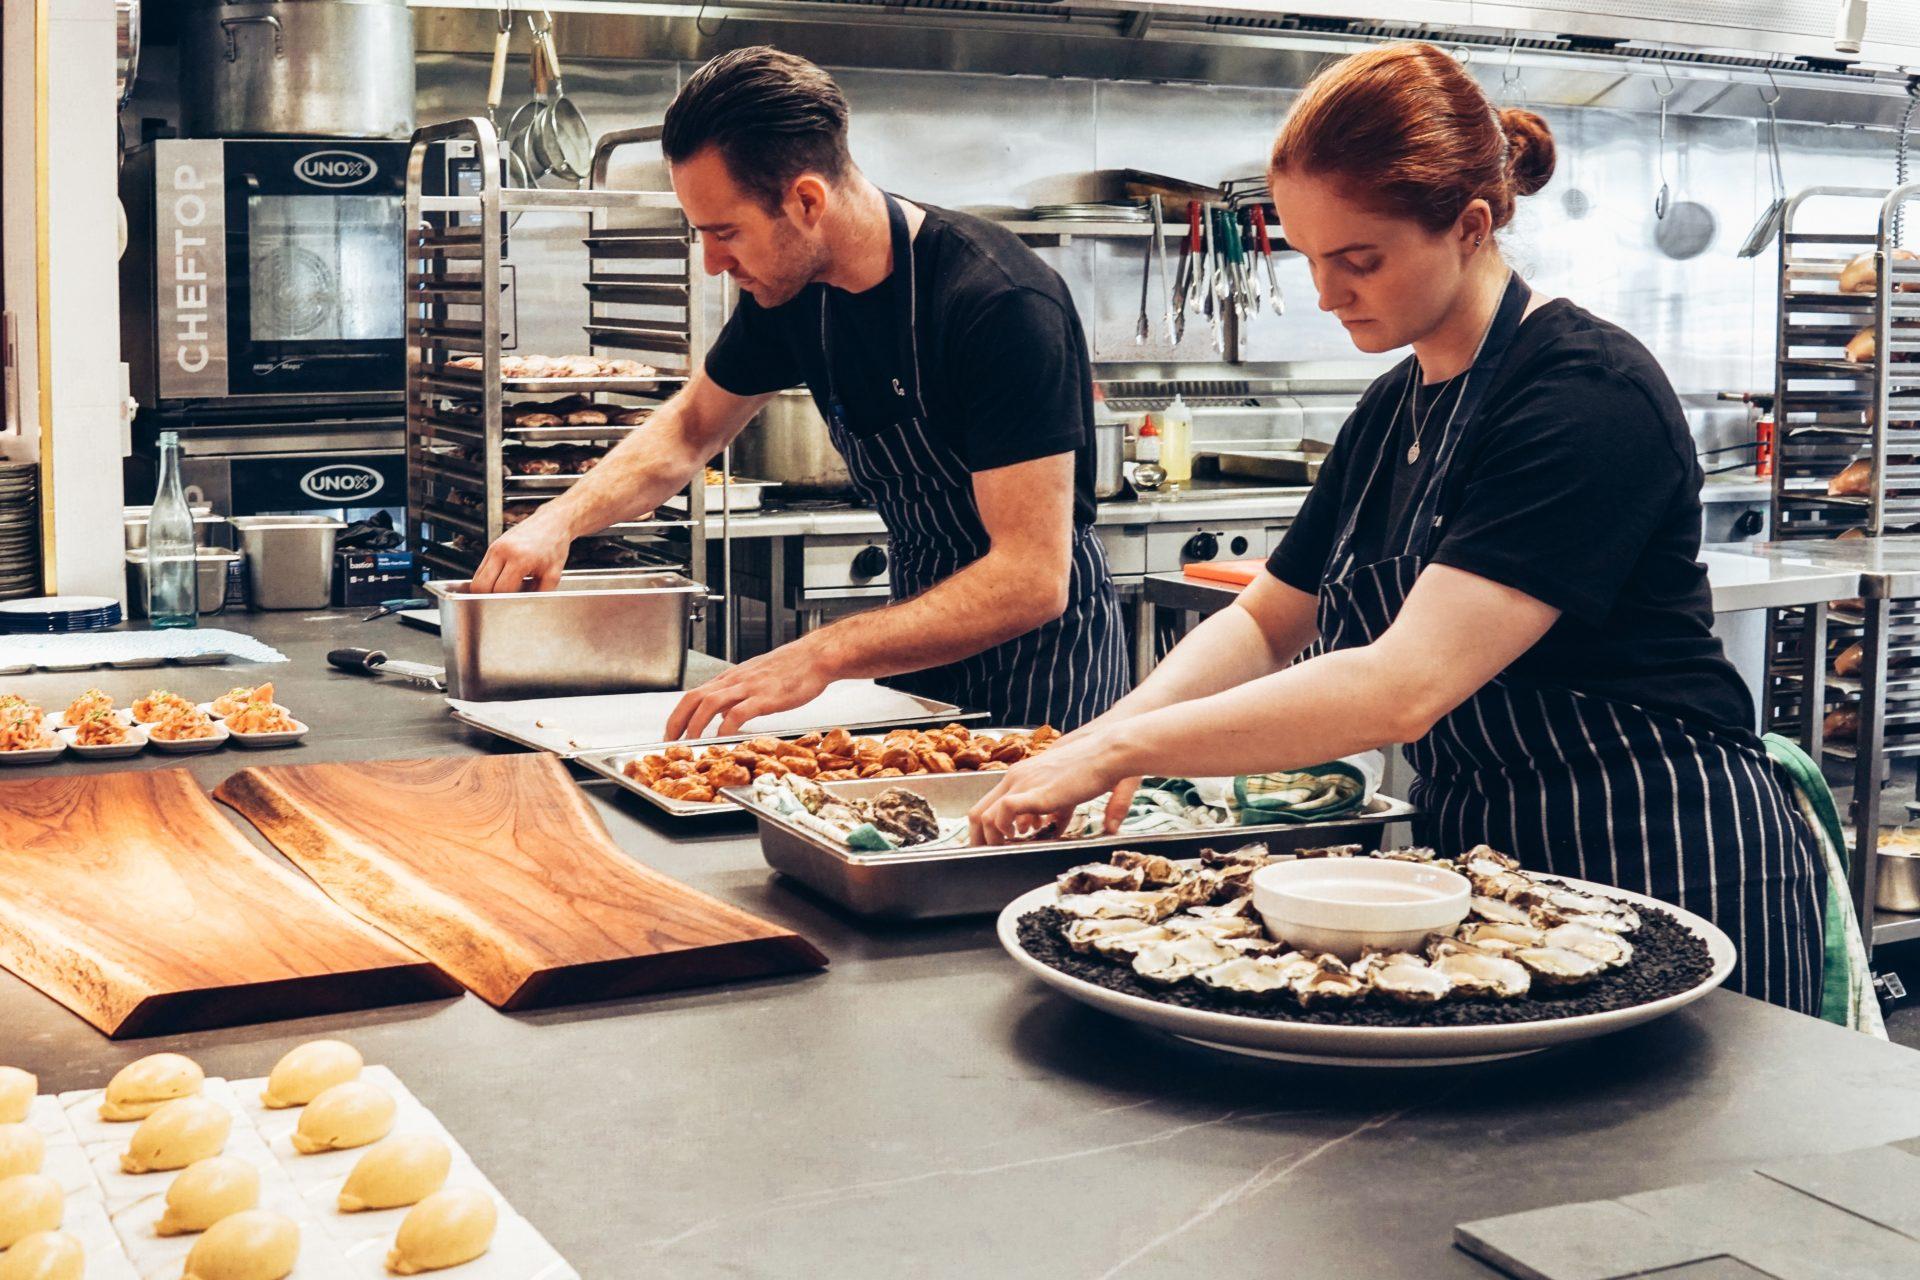 kitchen staff working